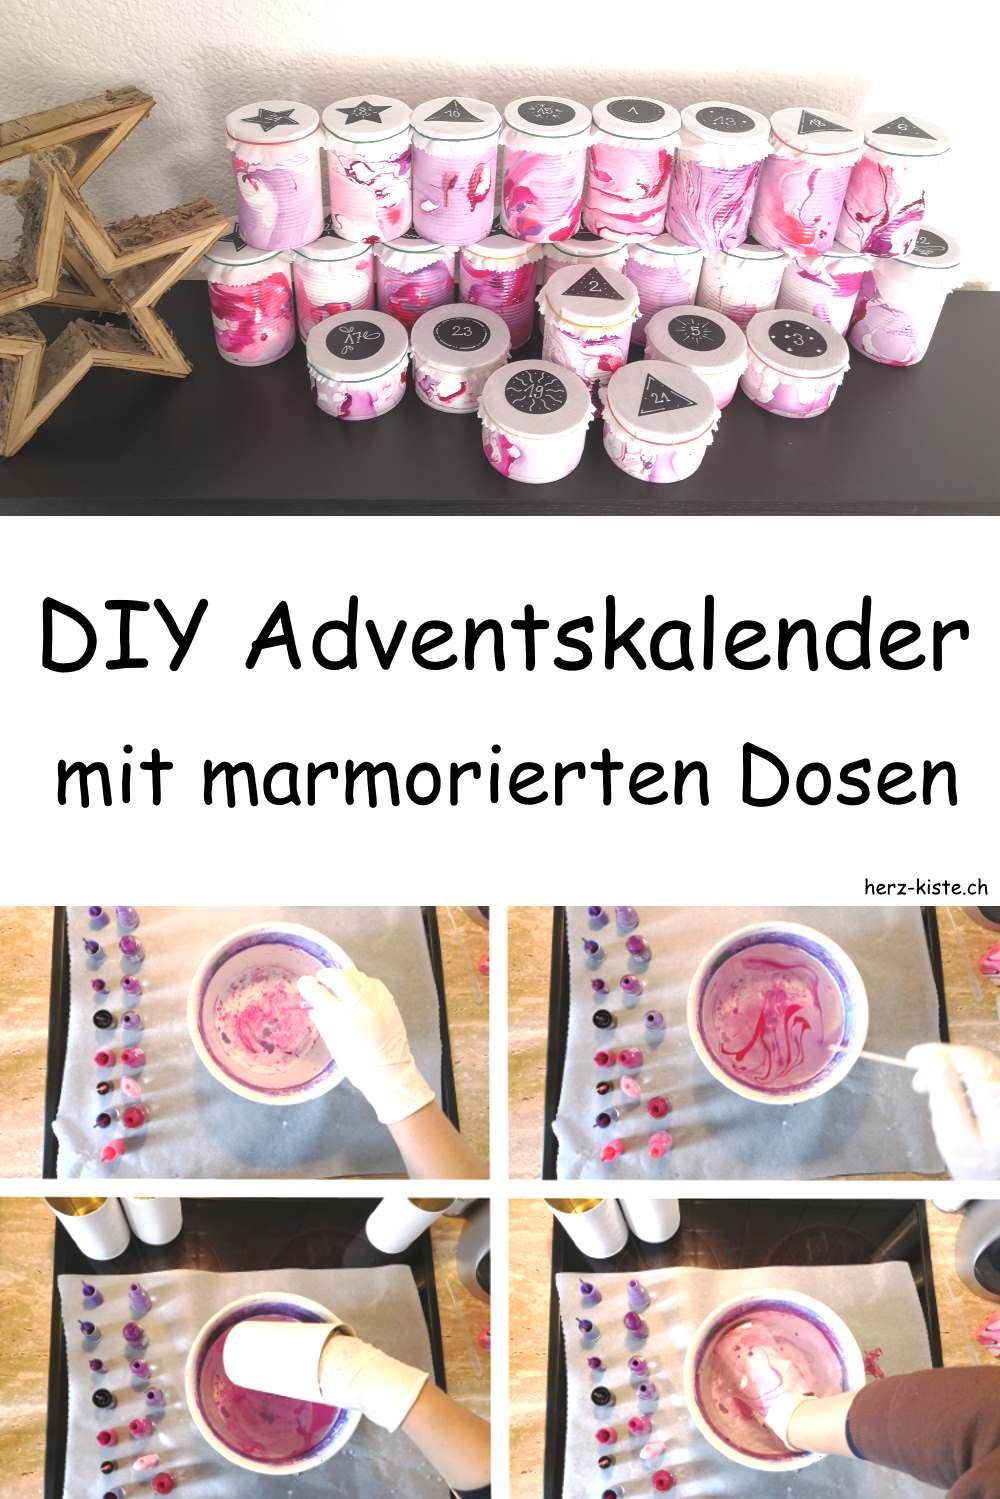 DIY Adventskalender mit marmorierten Dosen ganz einfach und günstig selber machen